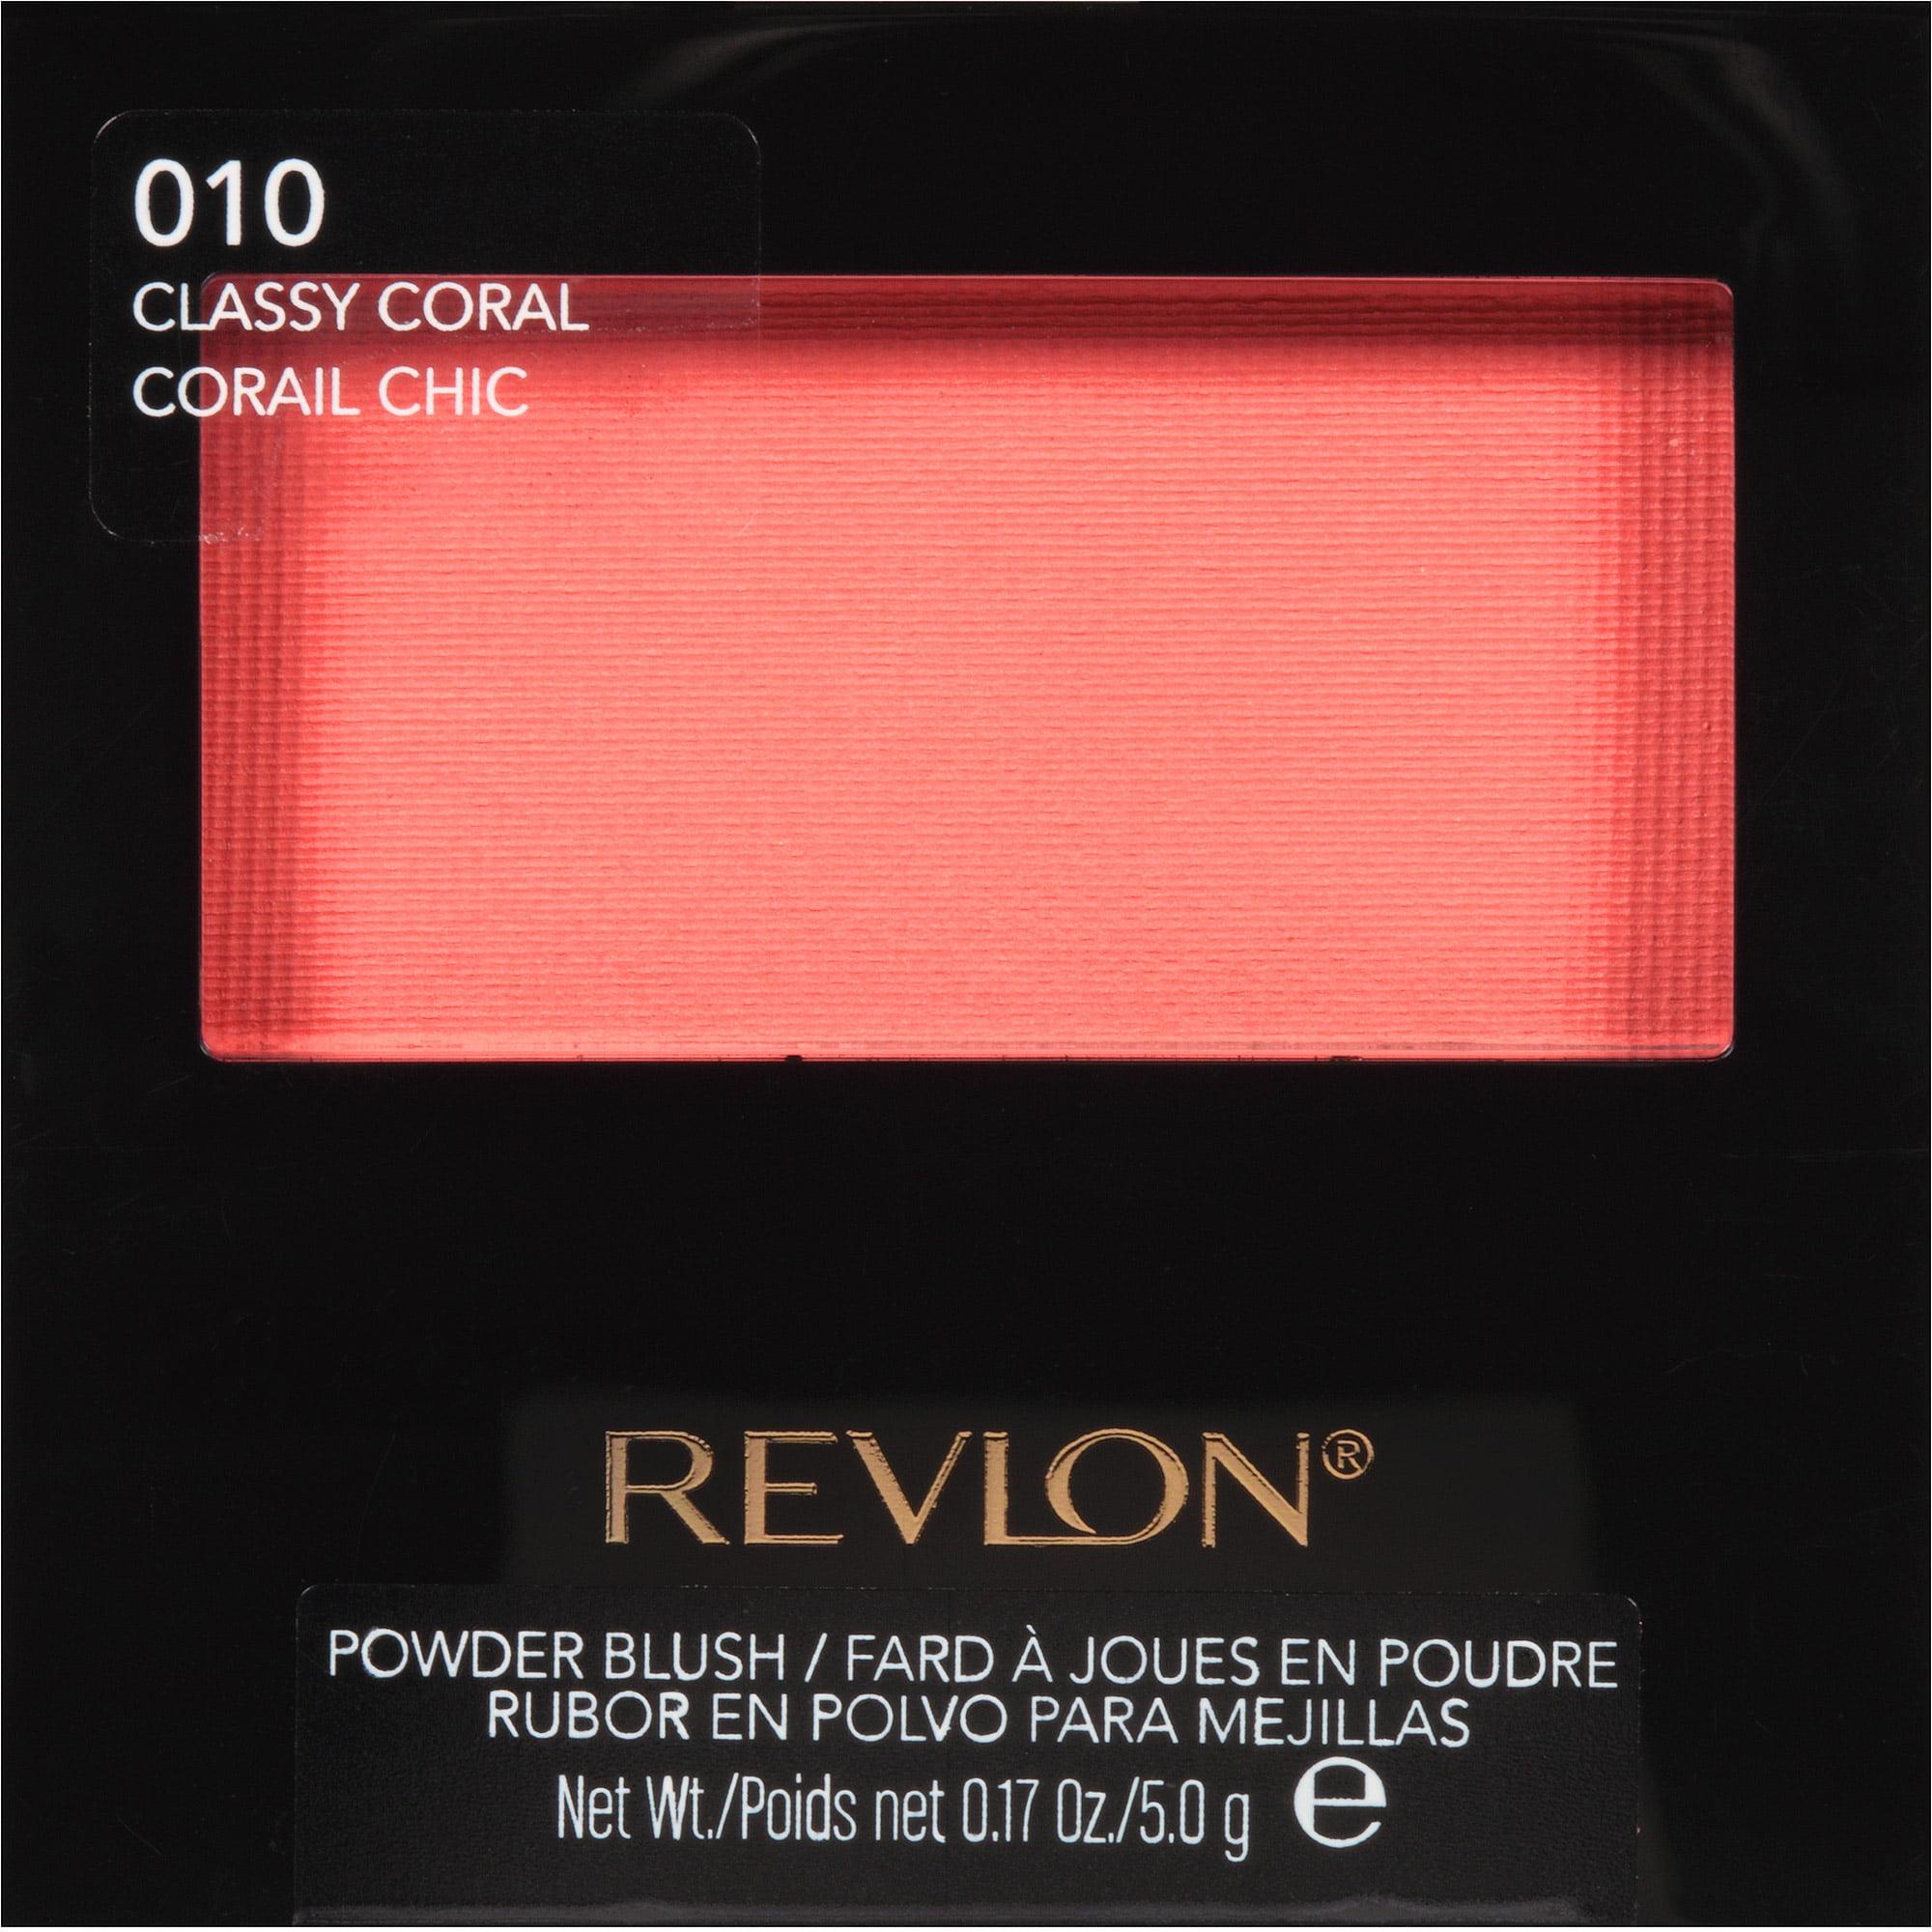 Maquillaje Para El Rostro Revlon polvo Blush, Coral con clase 010, 0.17 oz + Revlon en Veo y Compro